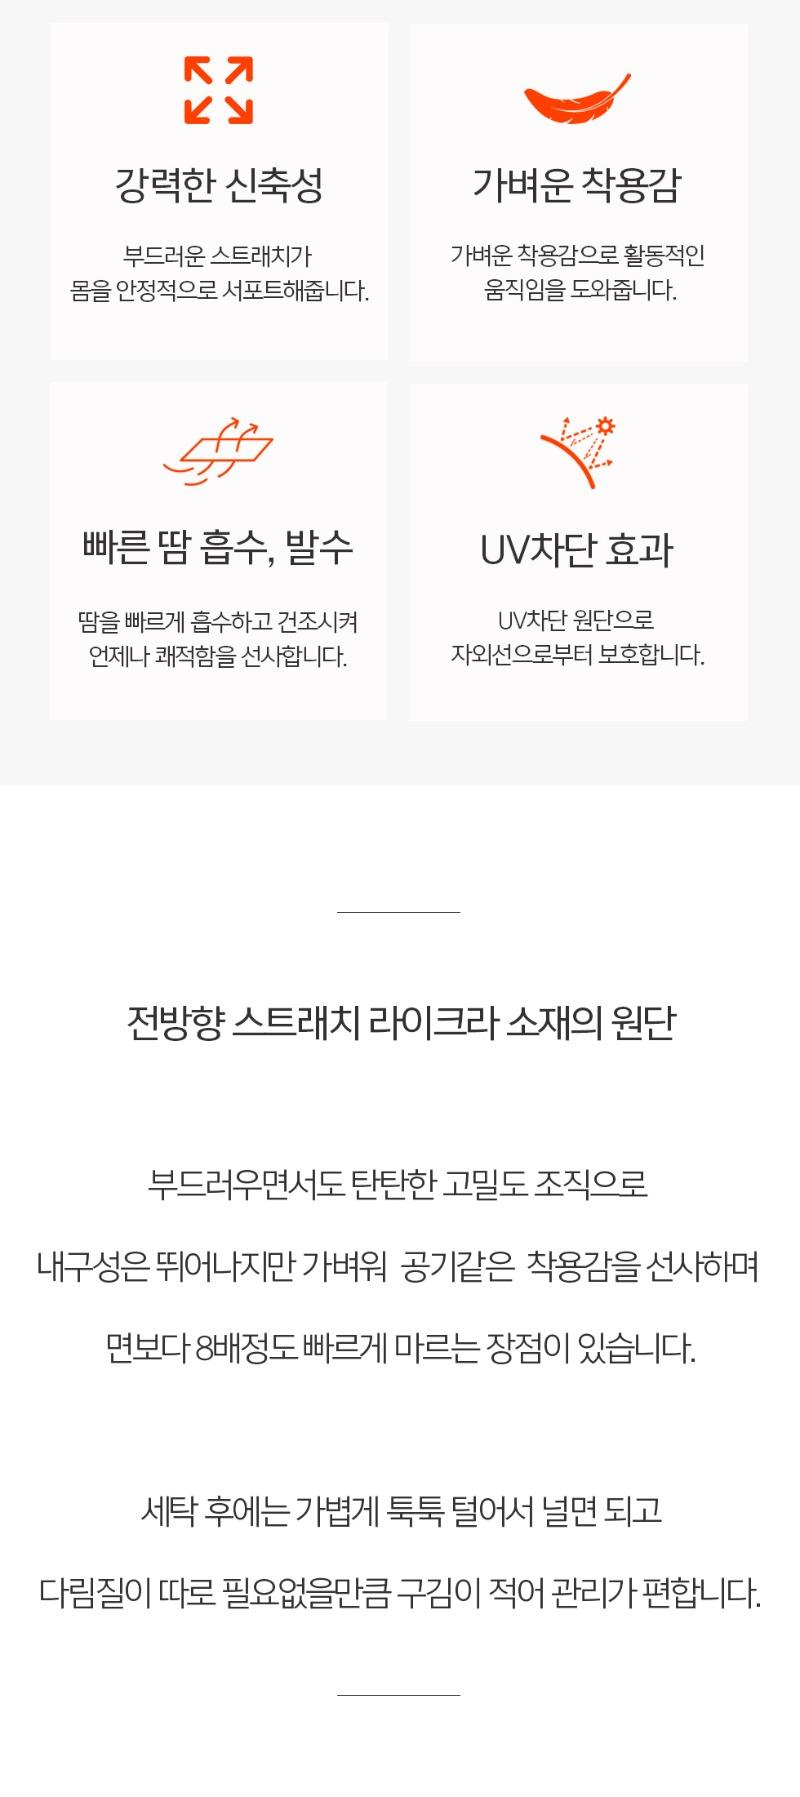 01_올데이팬츠-1-3_수정_재수정.jpg